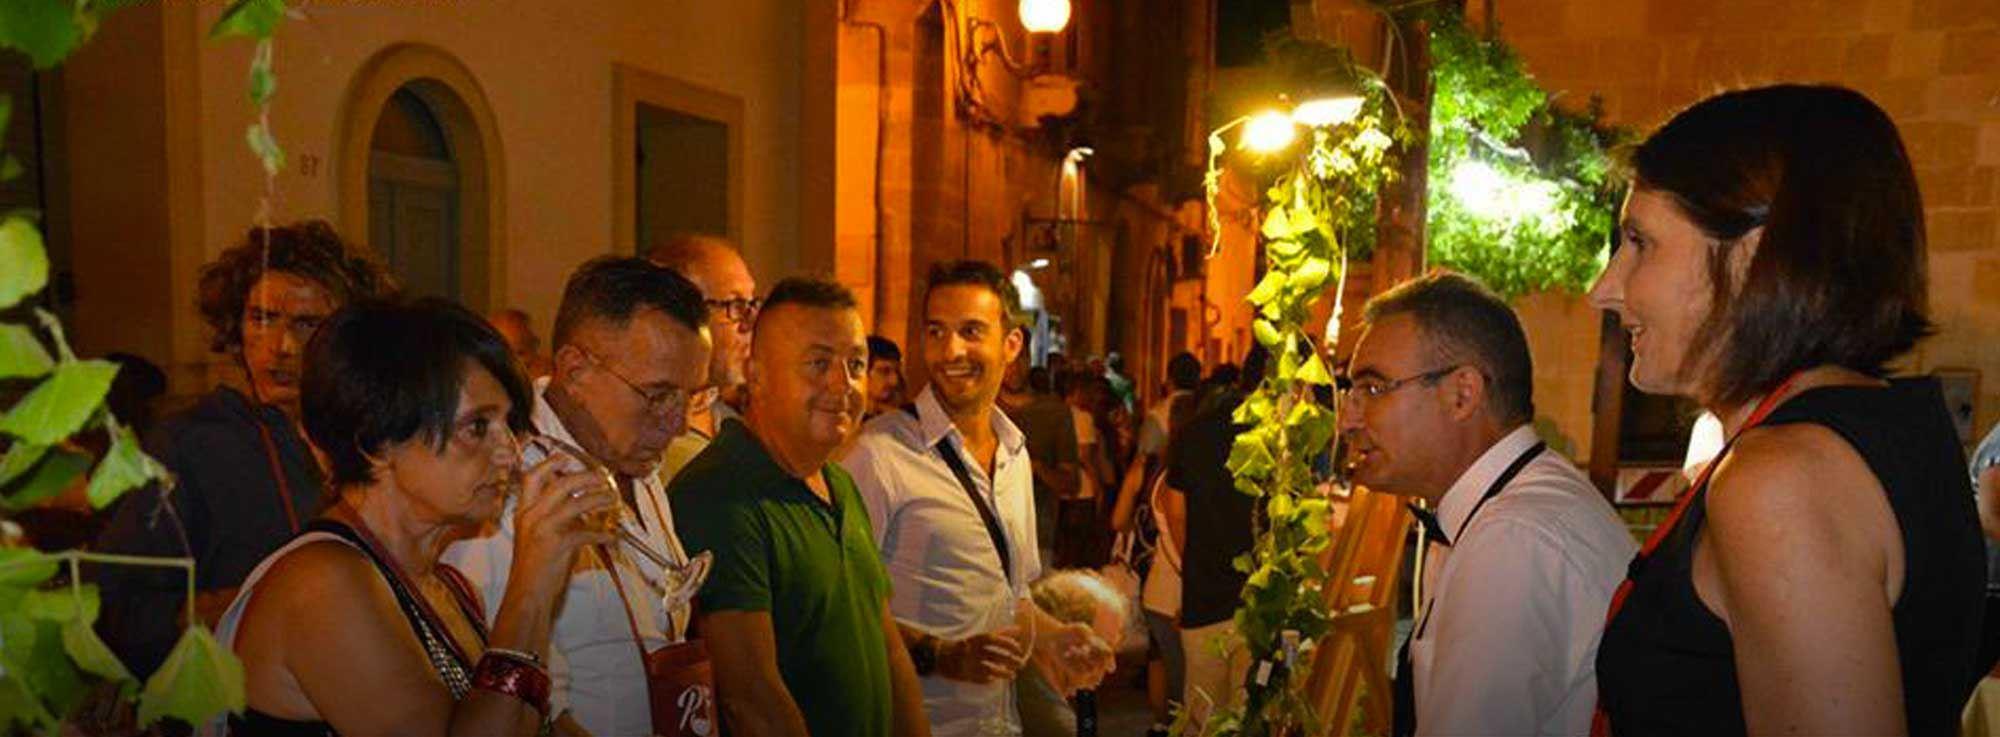 Maruggio - Campomarino: Primitivo Jazz Festival